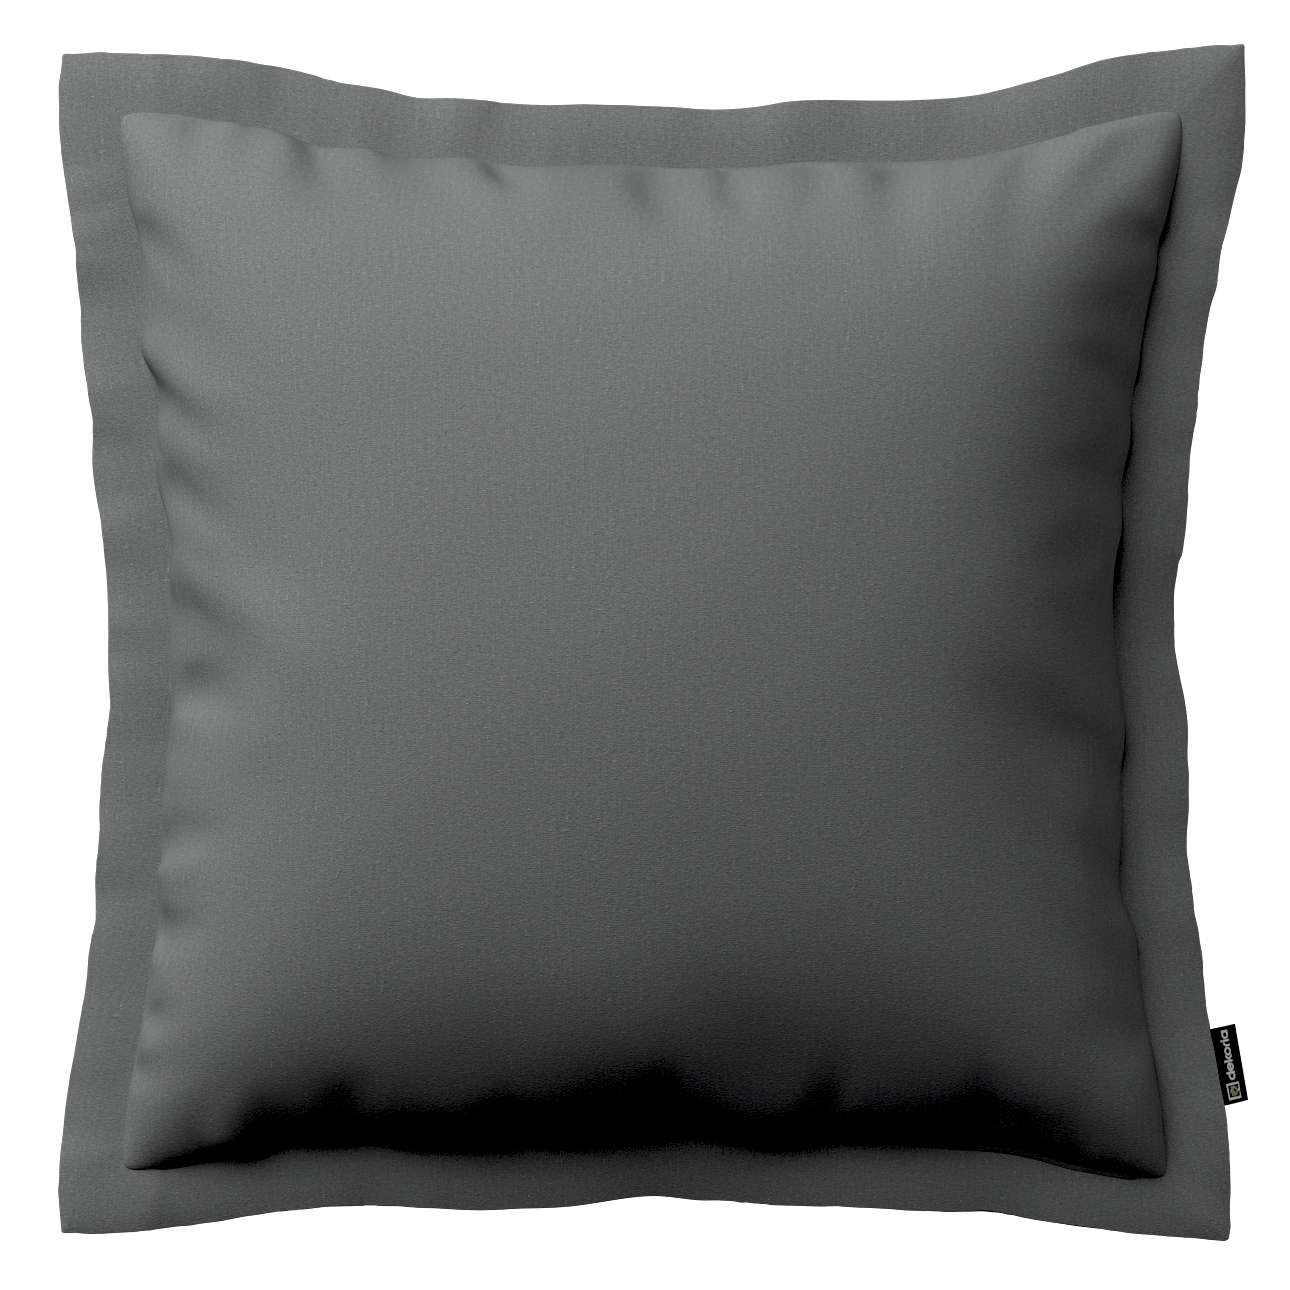 Poszewka Mona na poduszkę 45x45 cm w kolekcji Quadro, tkanina: 136-14